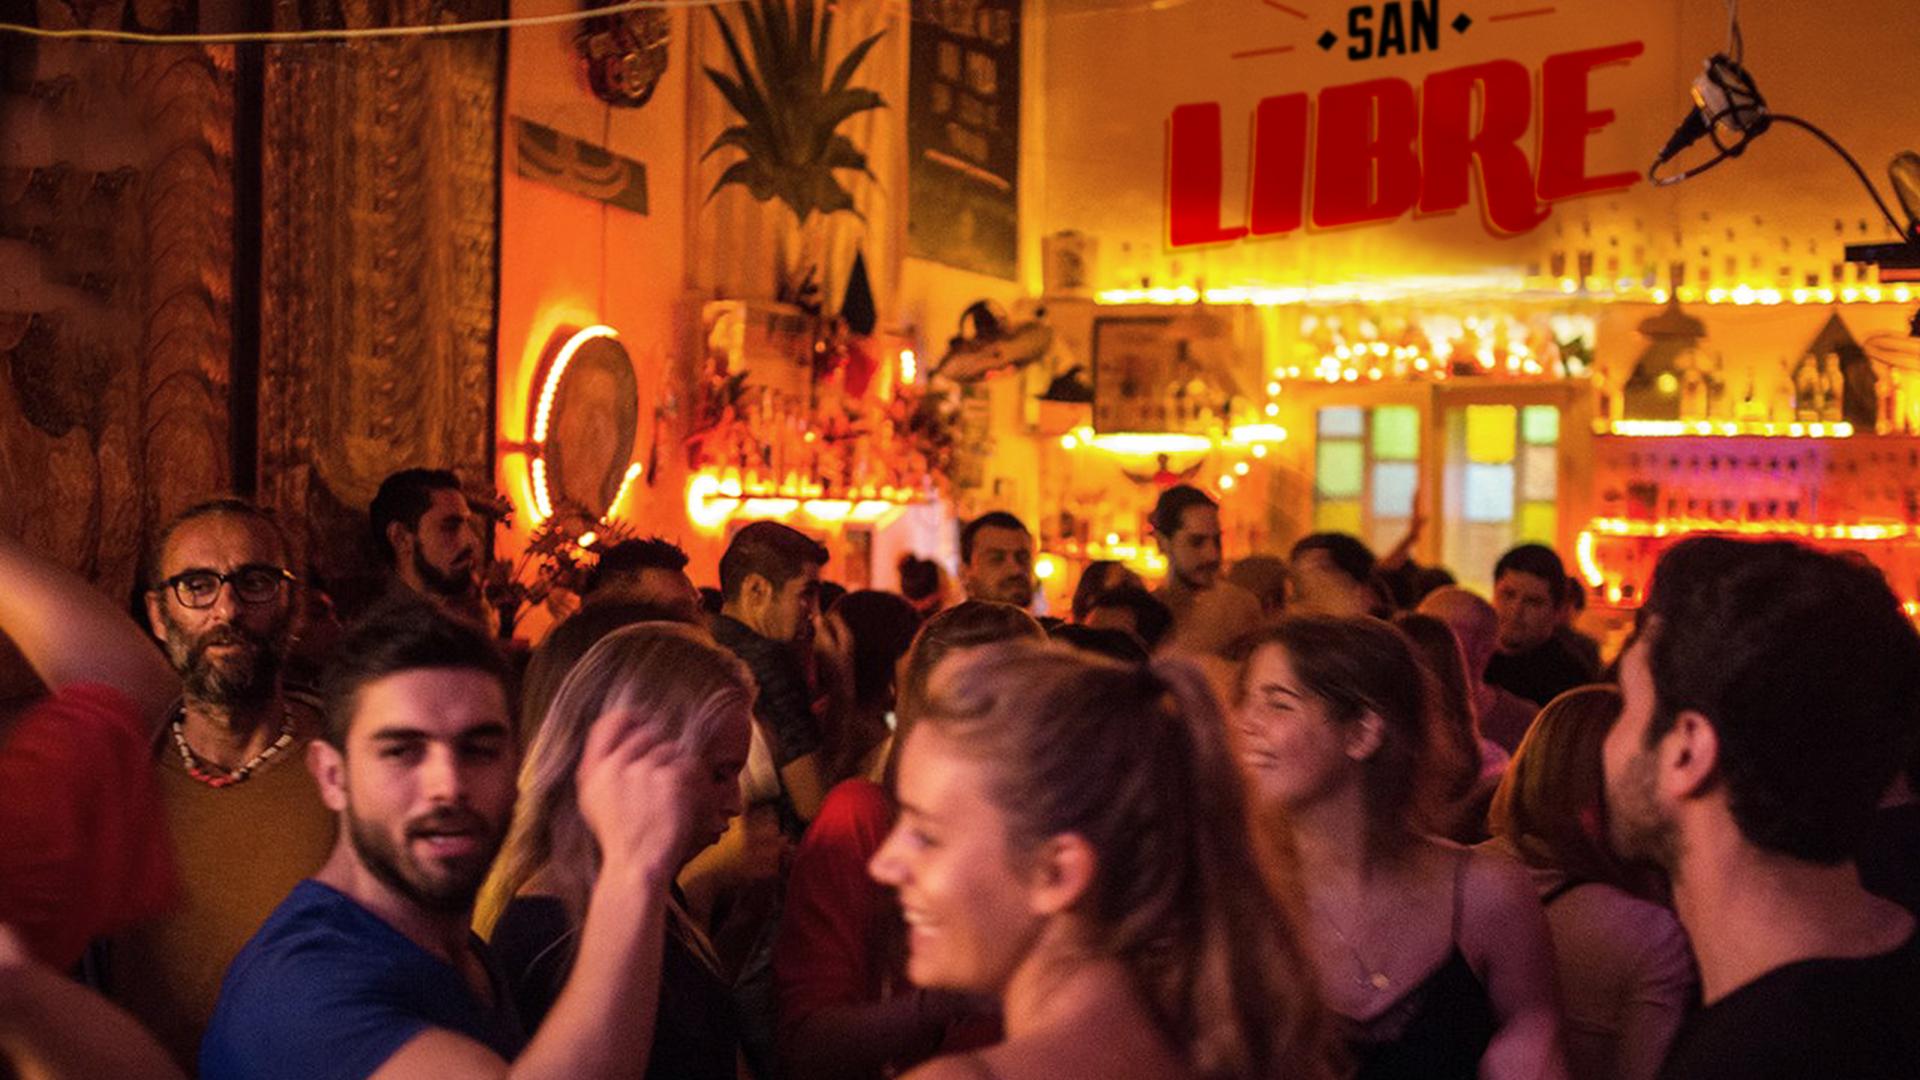 San Libre Bar